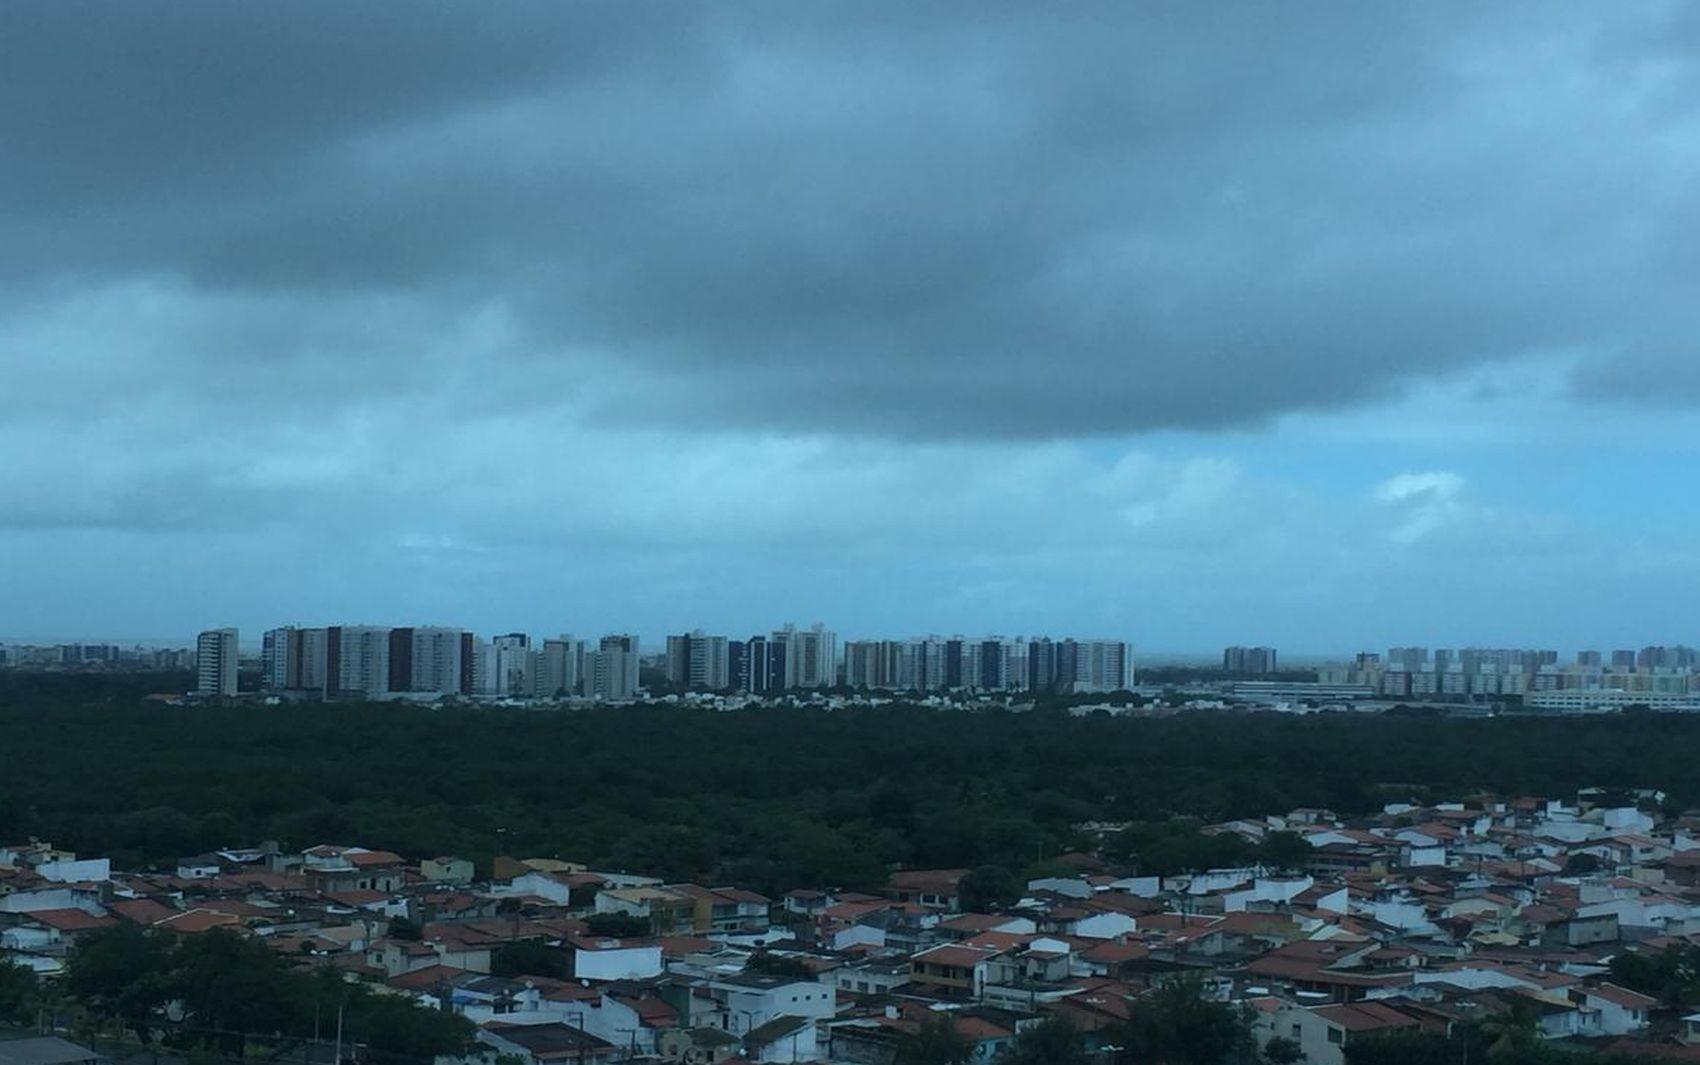 Previsão do tempo em Sergipe é de predominantemente nublado com possibilidade de chuva